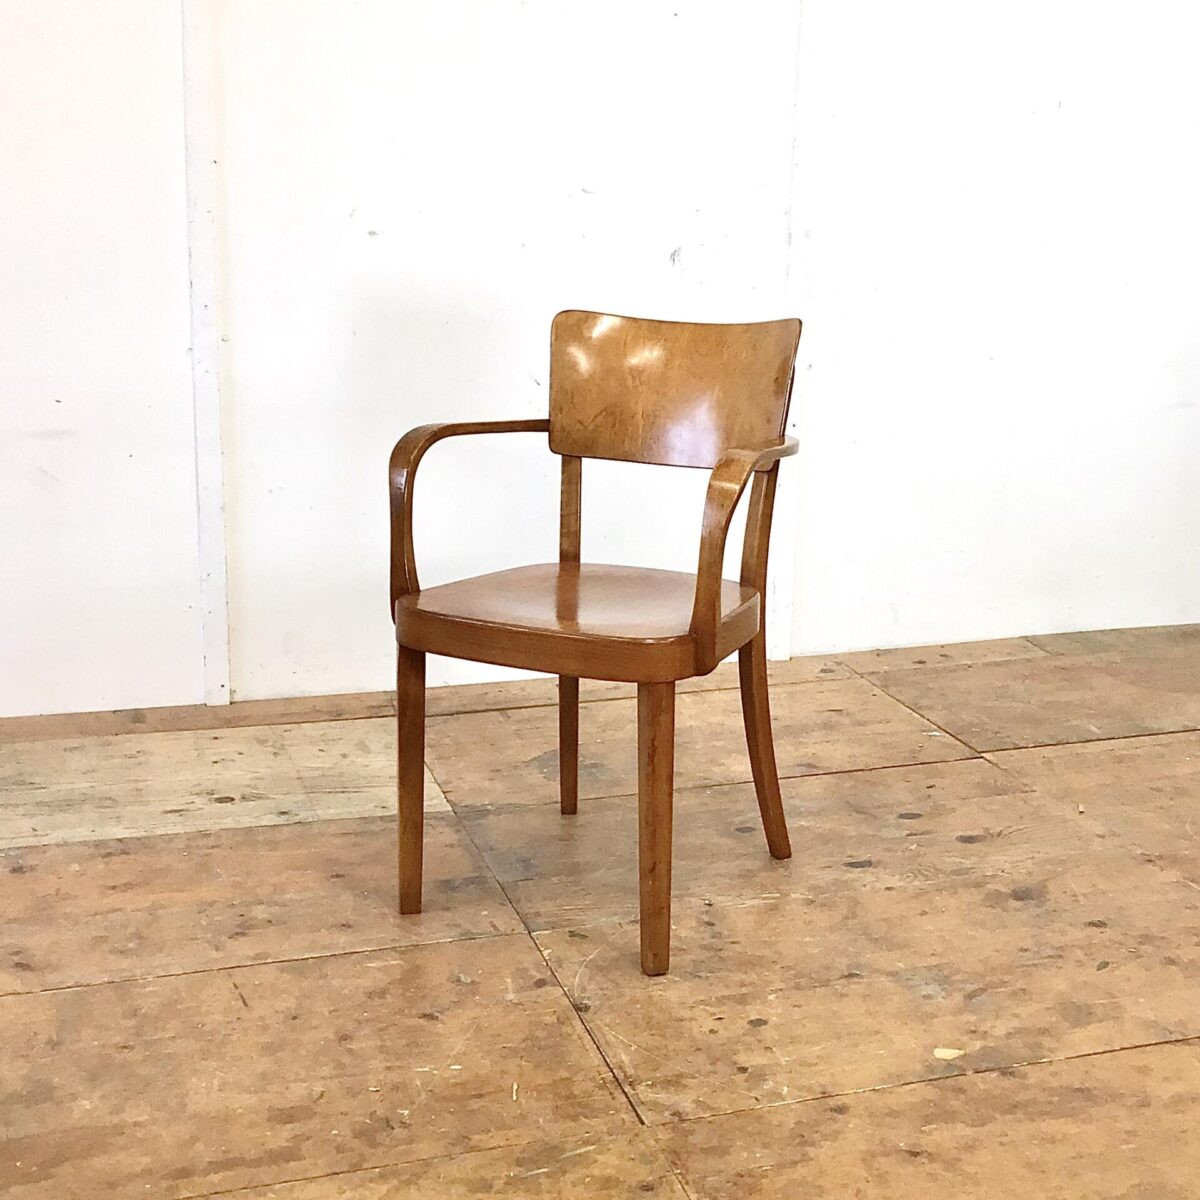 Deuxieme.shop Schöner horgenglarus Armlehnstuhl in gutem Original Zustand. Dieser Stuhl wird heute noch unter dem Namen Safran produziert, jedoch ohne Armlehnen und etwas kleiner. Dieser Stuhl ist mittlerweile selten zu finden, und ist wegen seiner Bequemlichkeit und formschönen Verarbeitung sehr begehrt. Die warme dunkelbraune Ausstrahlung lässt sich nicht nachproduzieren. Das entsteht nur mit dem Lauf der Zeit.